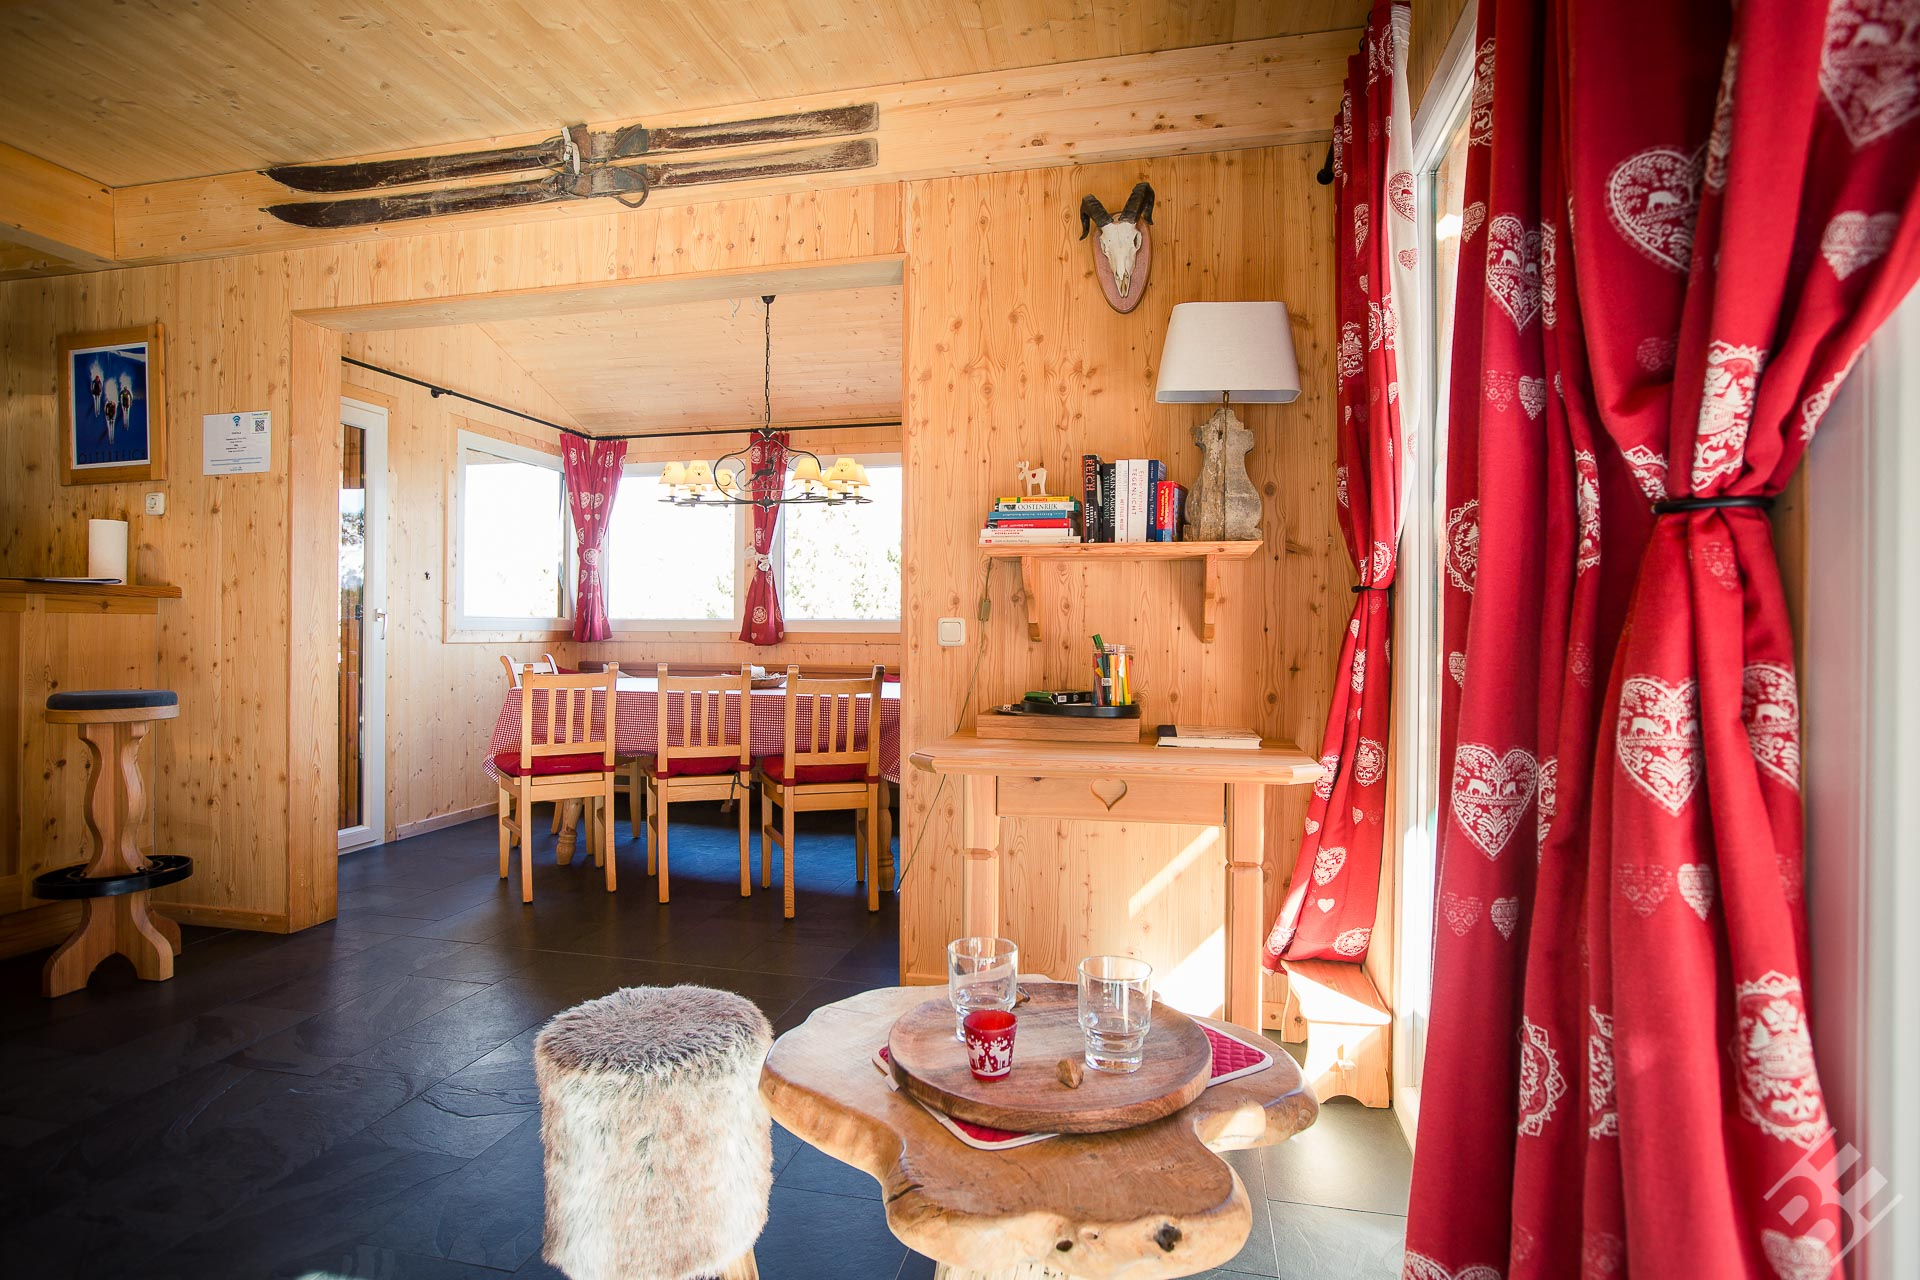 Interior_19_IVE_5506_Volen_Evtimov